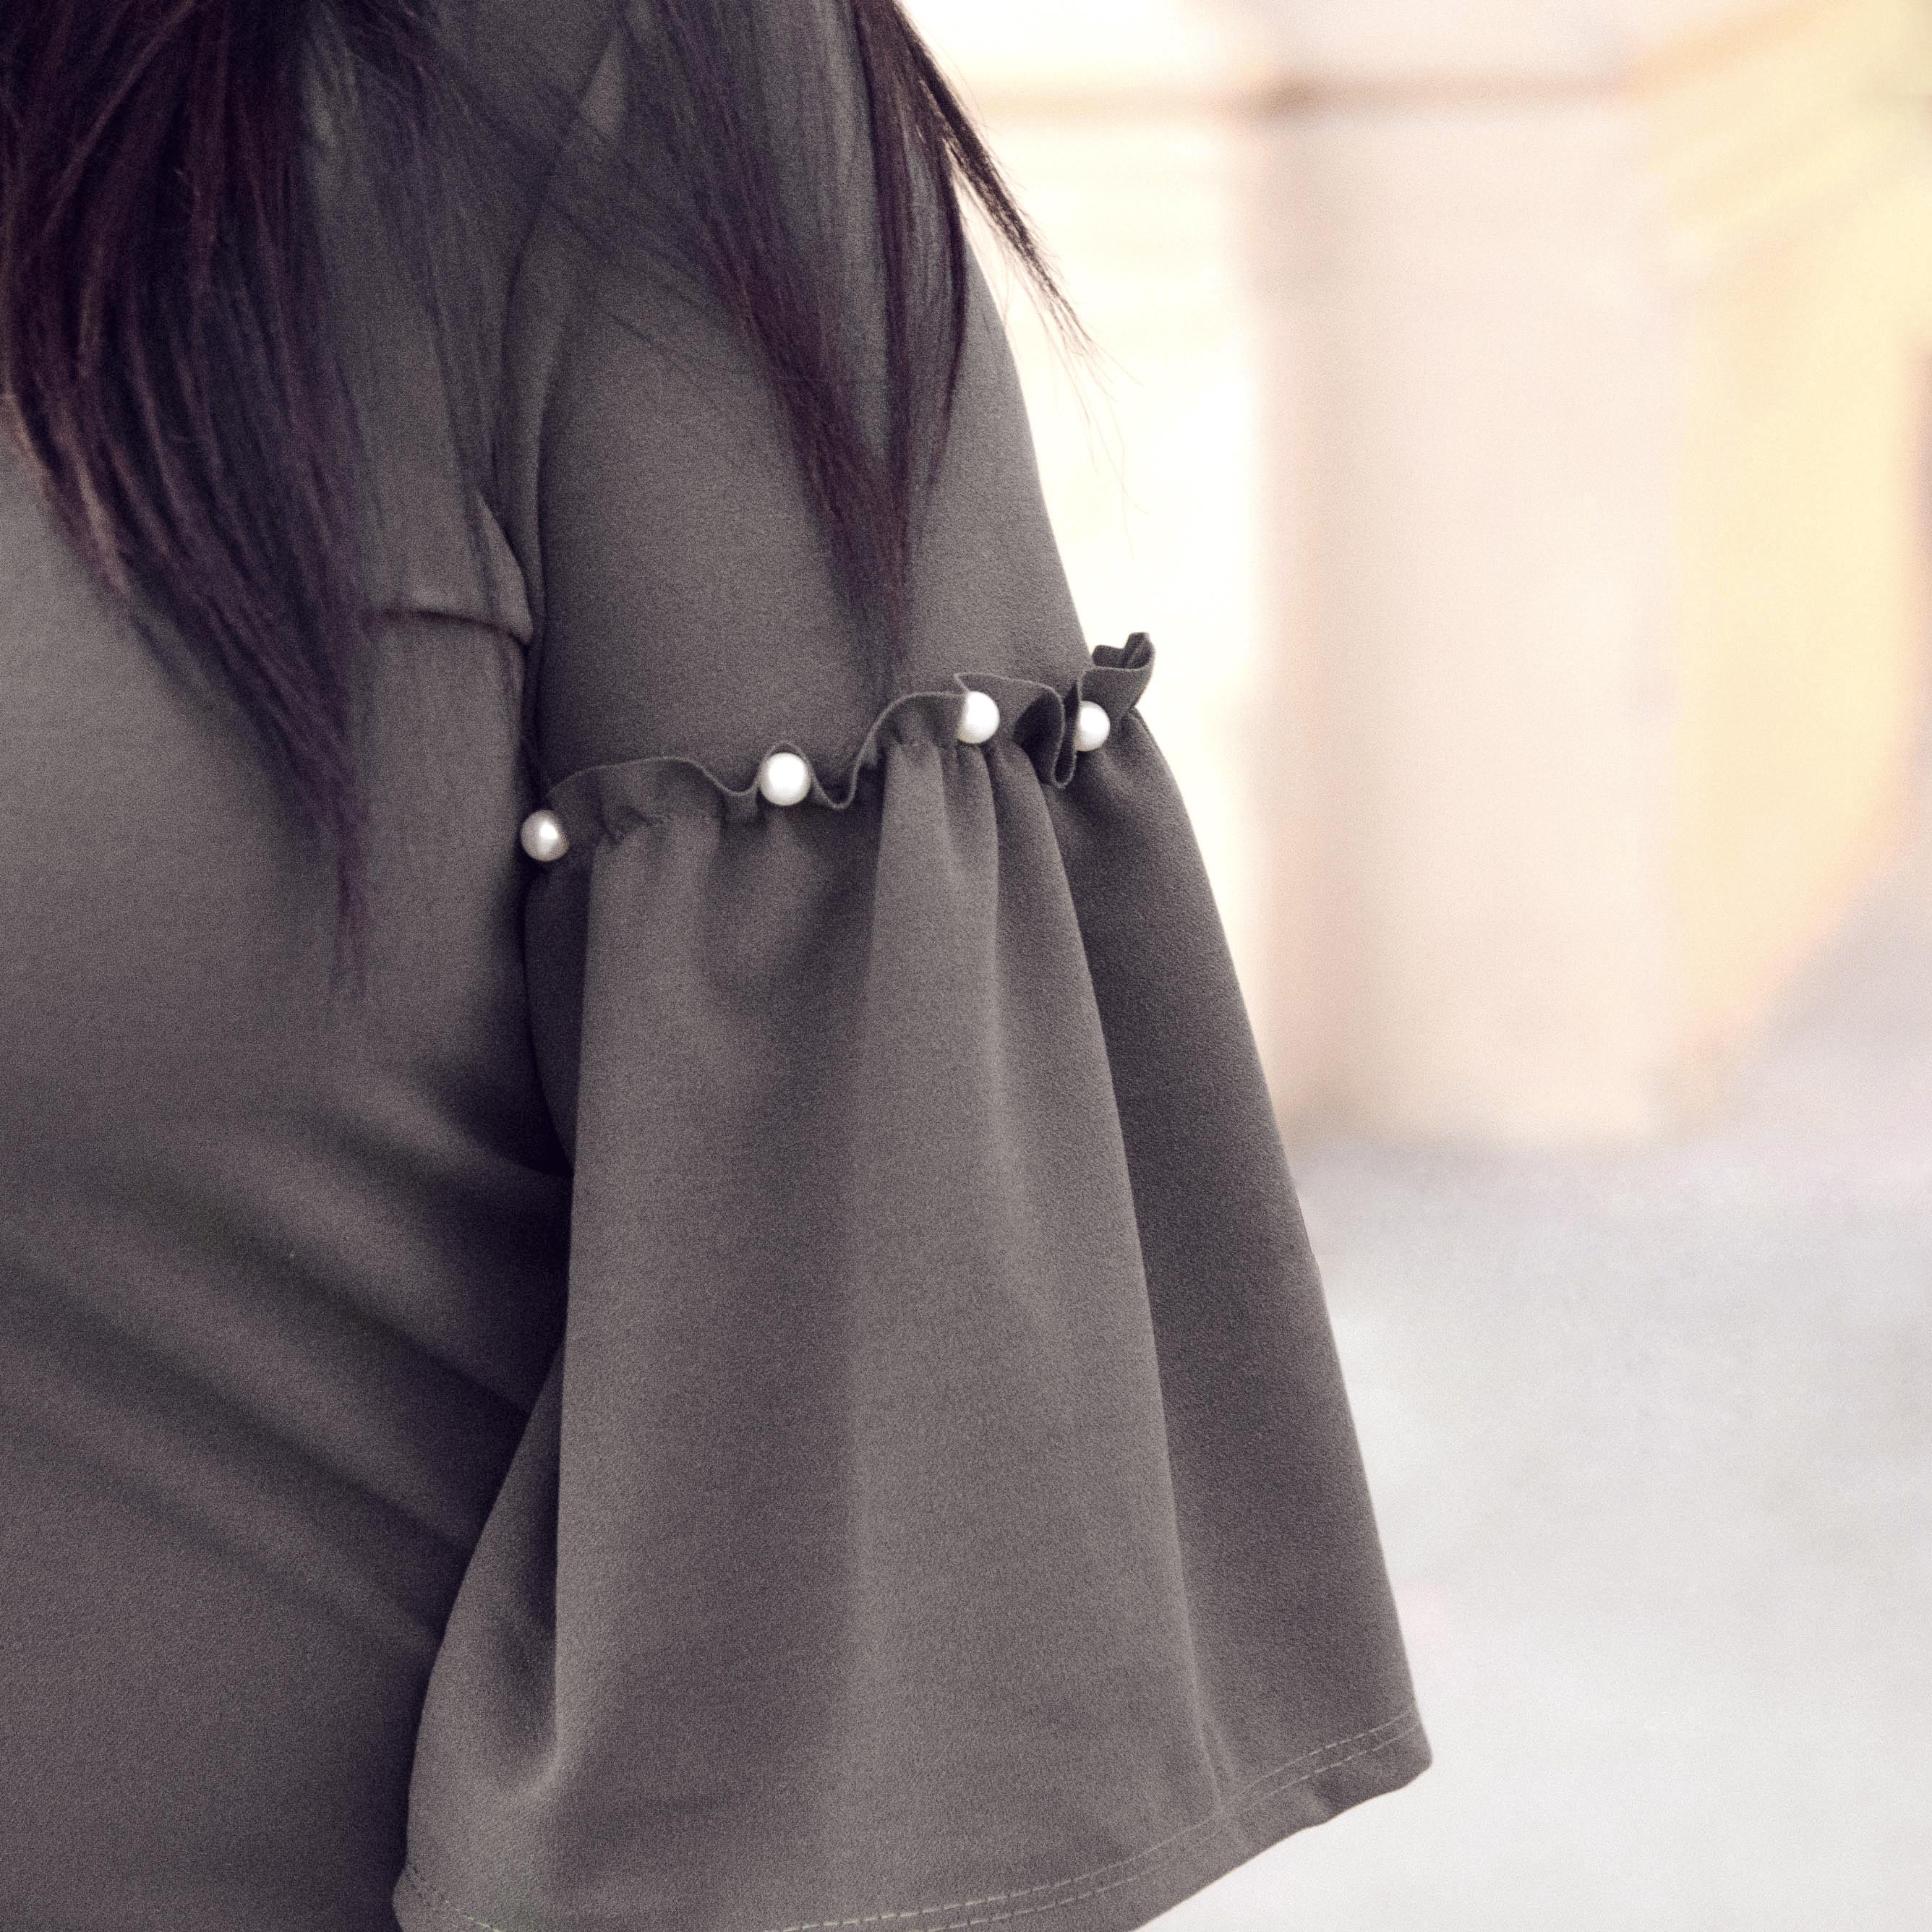 Las perlas son tendencia 2018